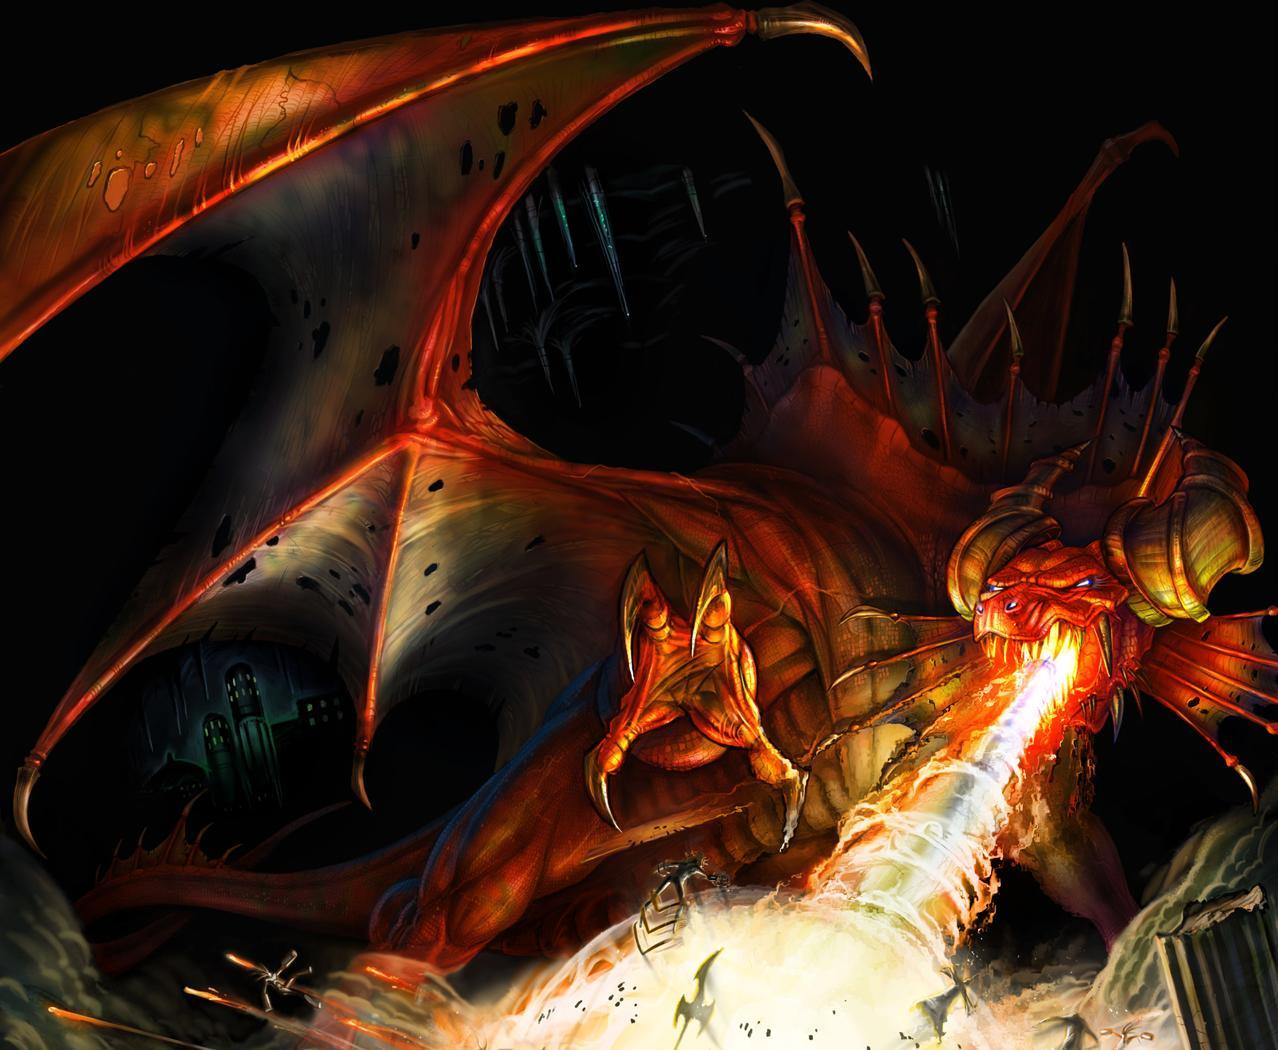 Finterno the Fire Dragon